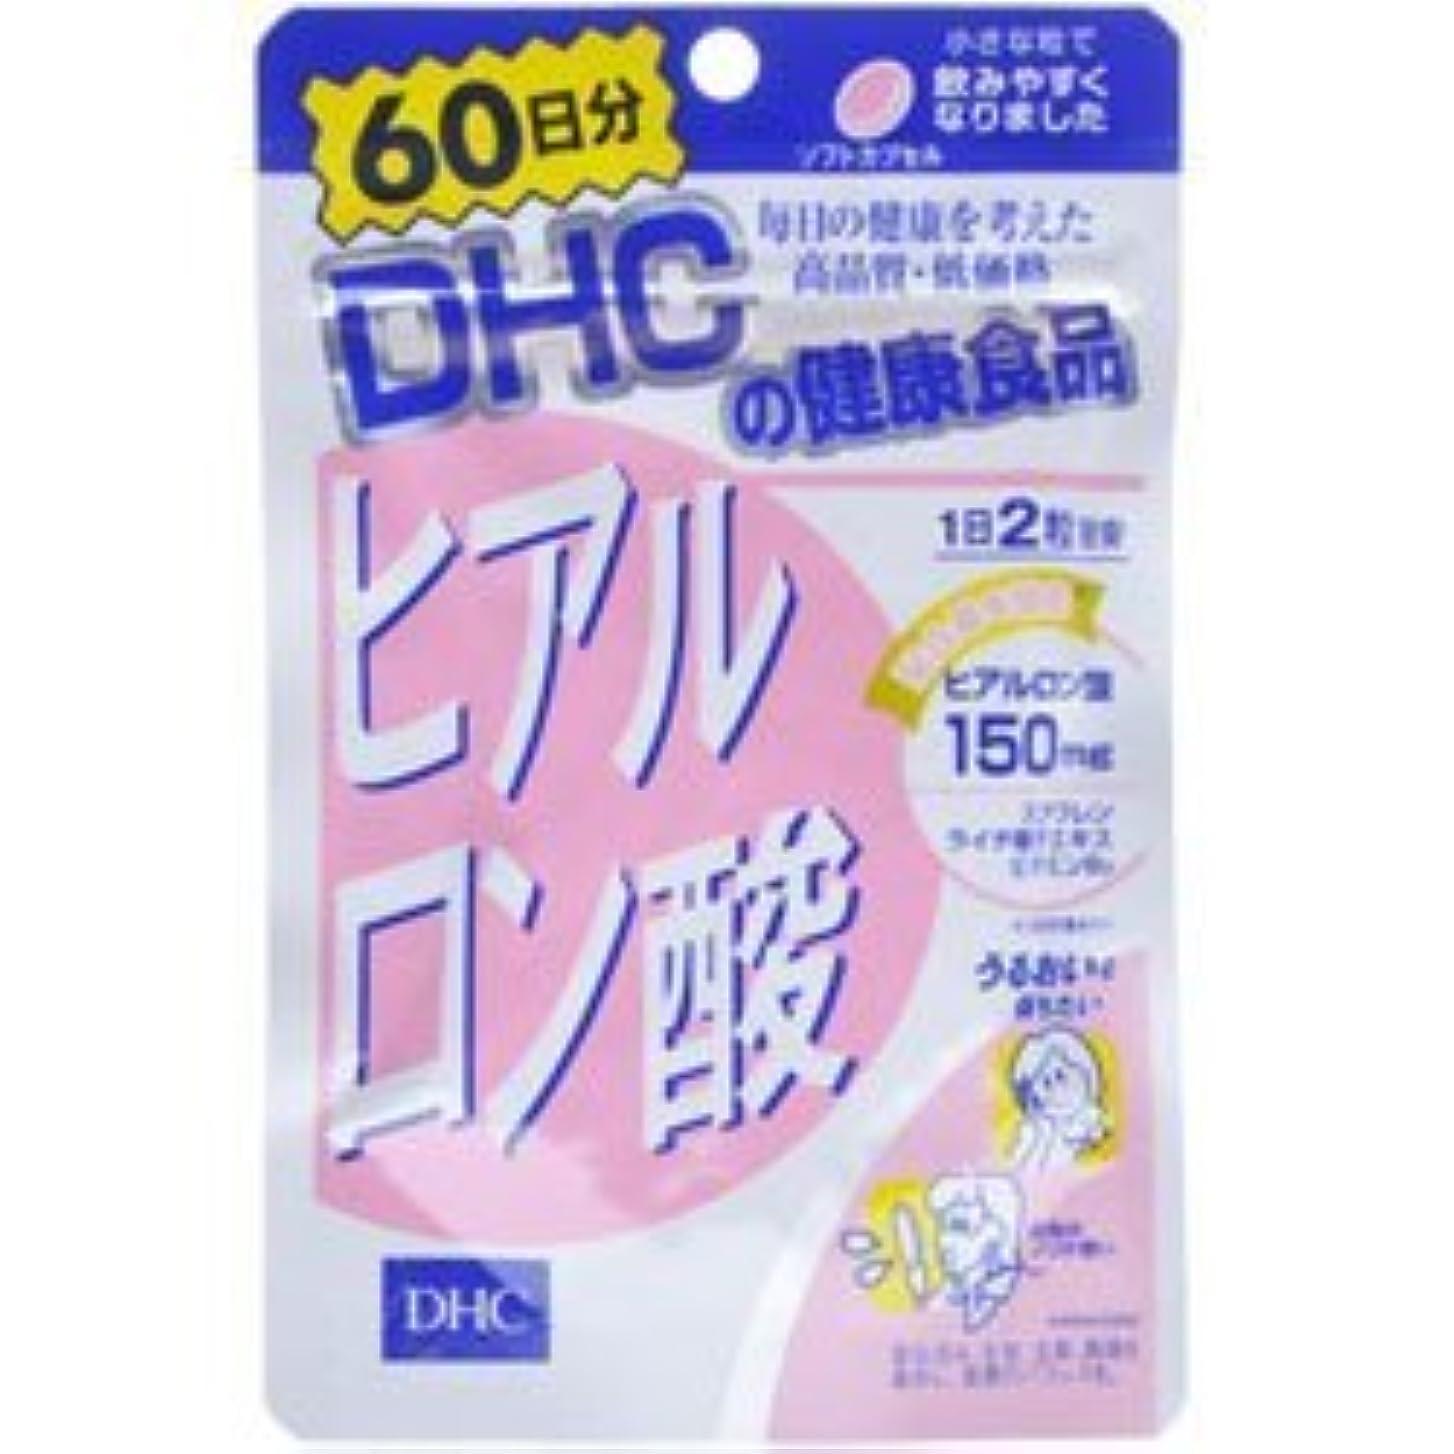 クリーム証言製油所【DHC】ヒアルロン酸 60日分 (120粒) ×5個セット